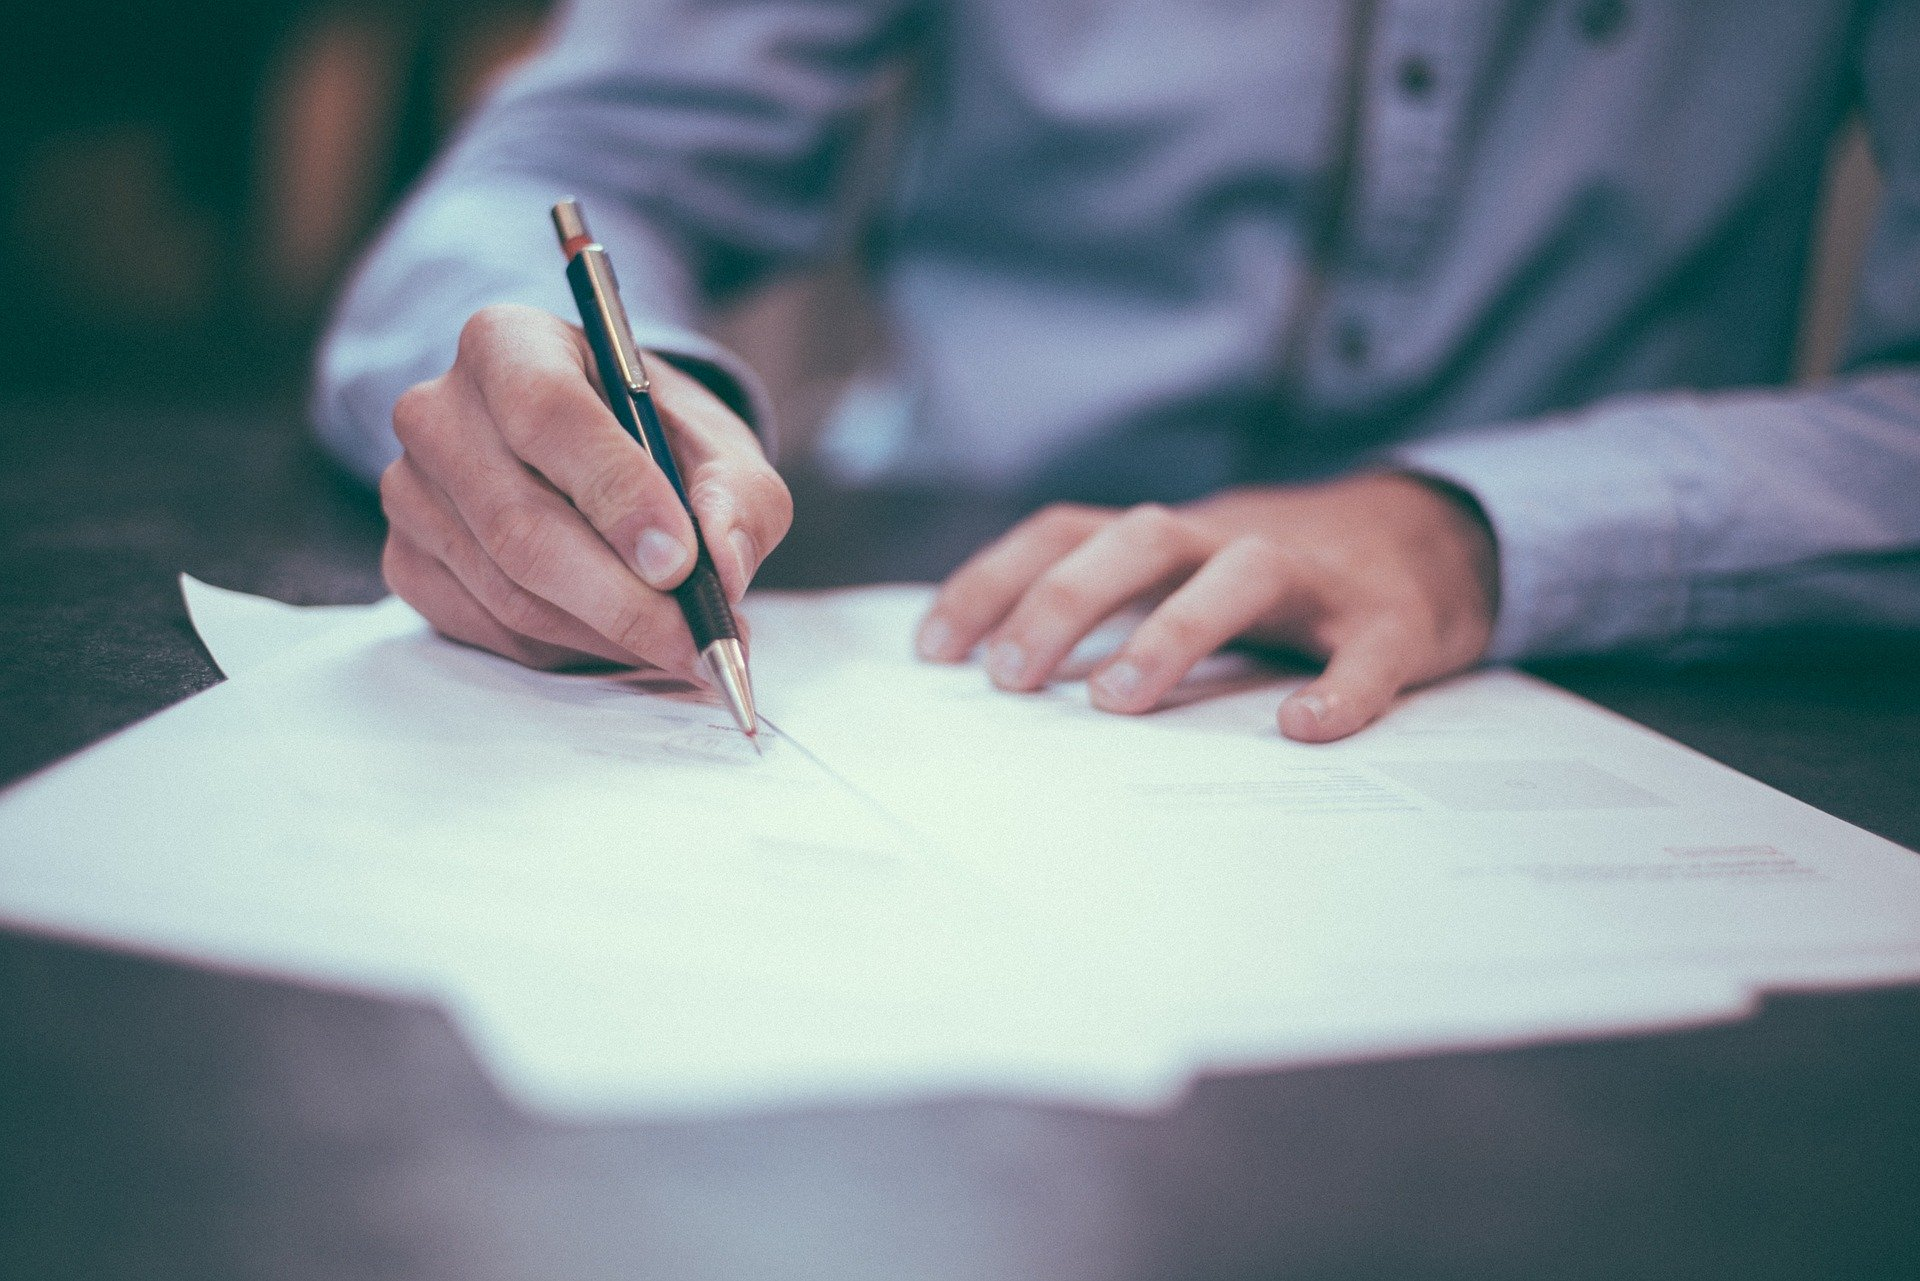 Ilustracja do informacji: UCHWAŁA NR XIV/149/20 RADY GMINY KURZĘTNIK z dnia 24 czerwca 2020 r. w sprawie zamiaru likwidacji Gminnej Biblioteki Publicznej wKurzętniku.